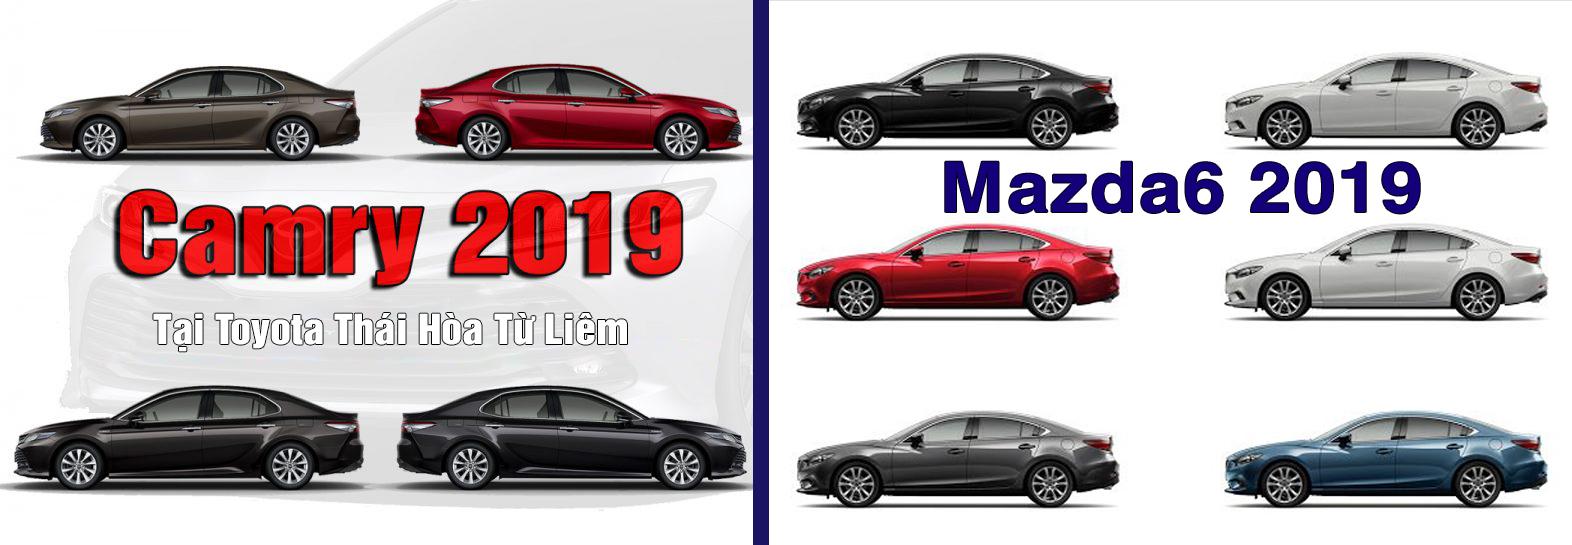 Toyota camry 2019 và mazda6 tại toyota thai hoa tu liem